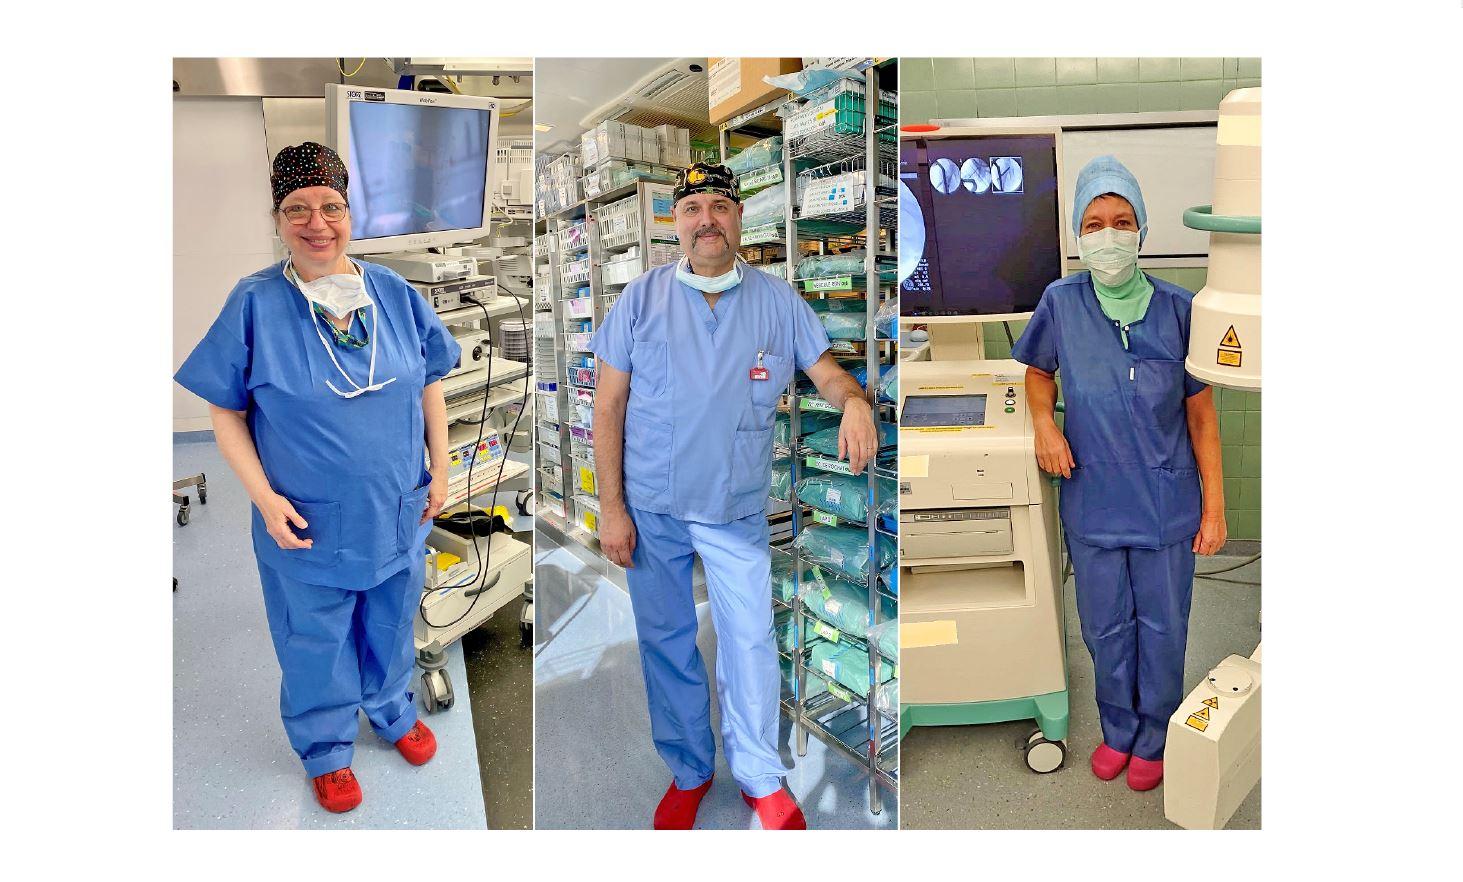 Les anges gardiens du bloc opératoire